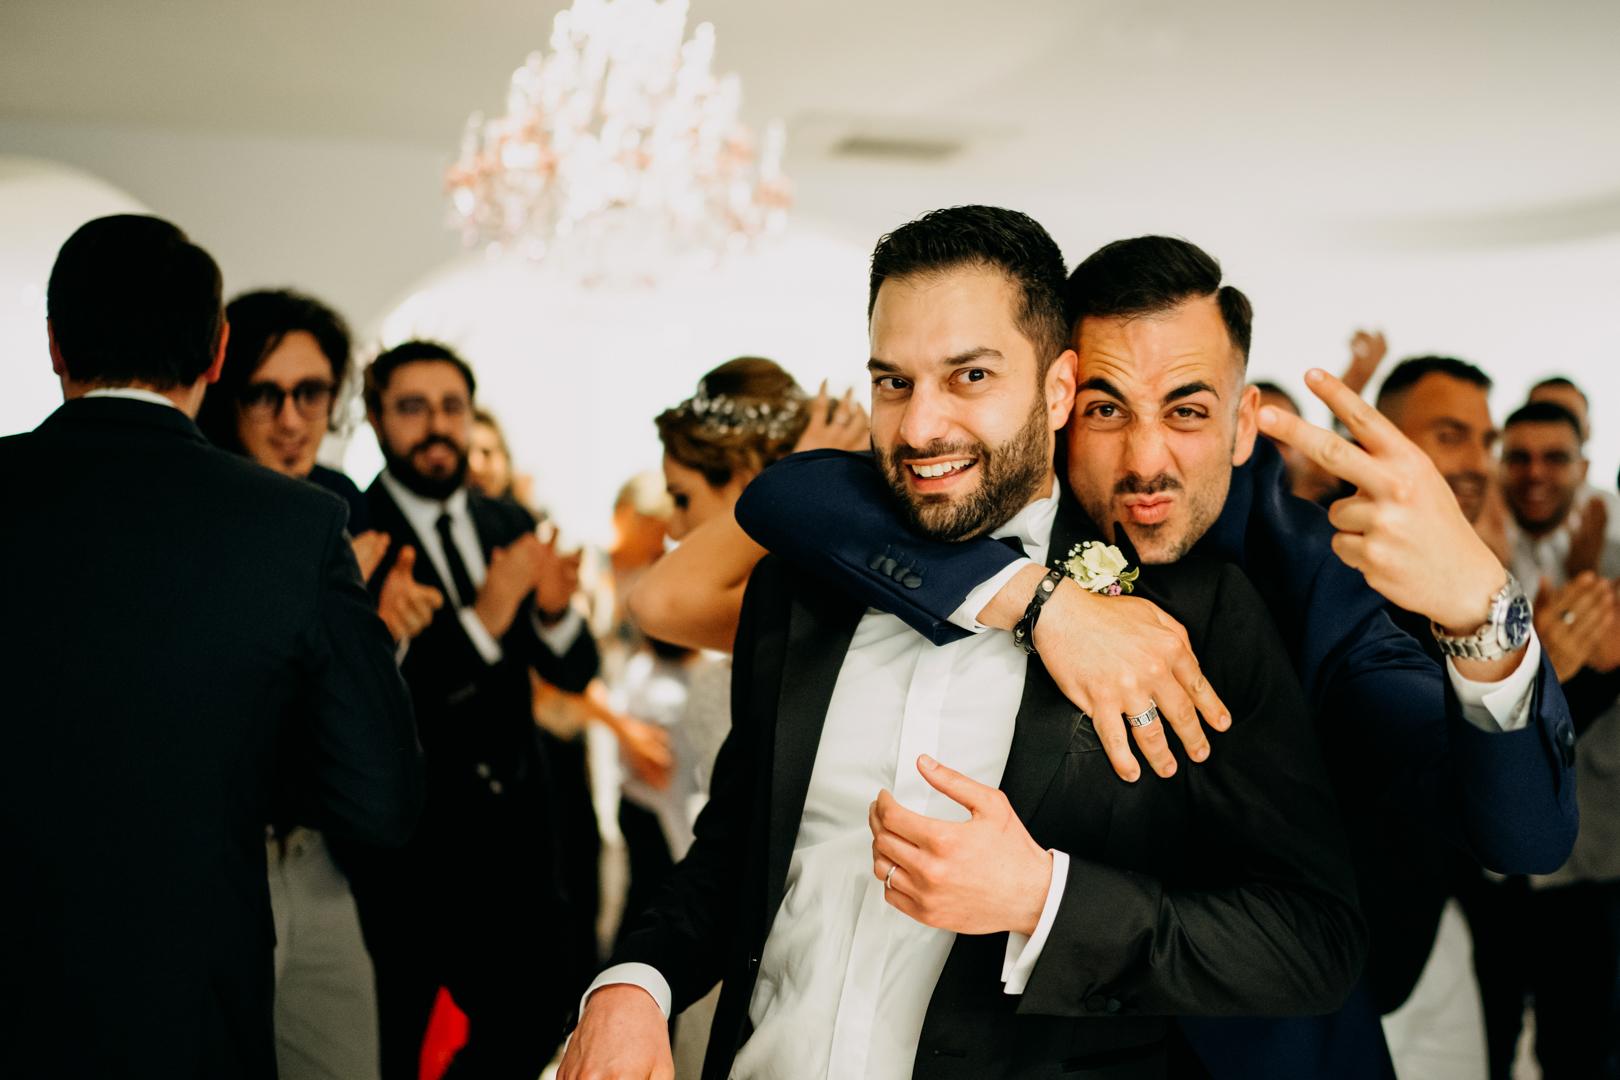 50 amici-sposi-festa-balli-matrimonio-gianni-lepore